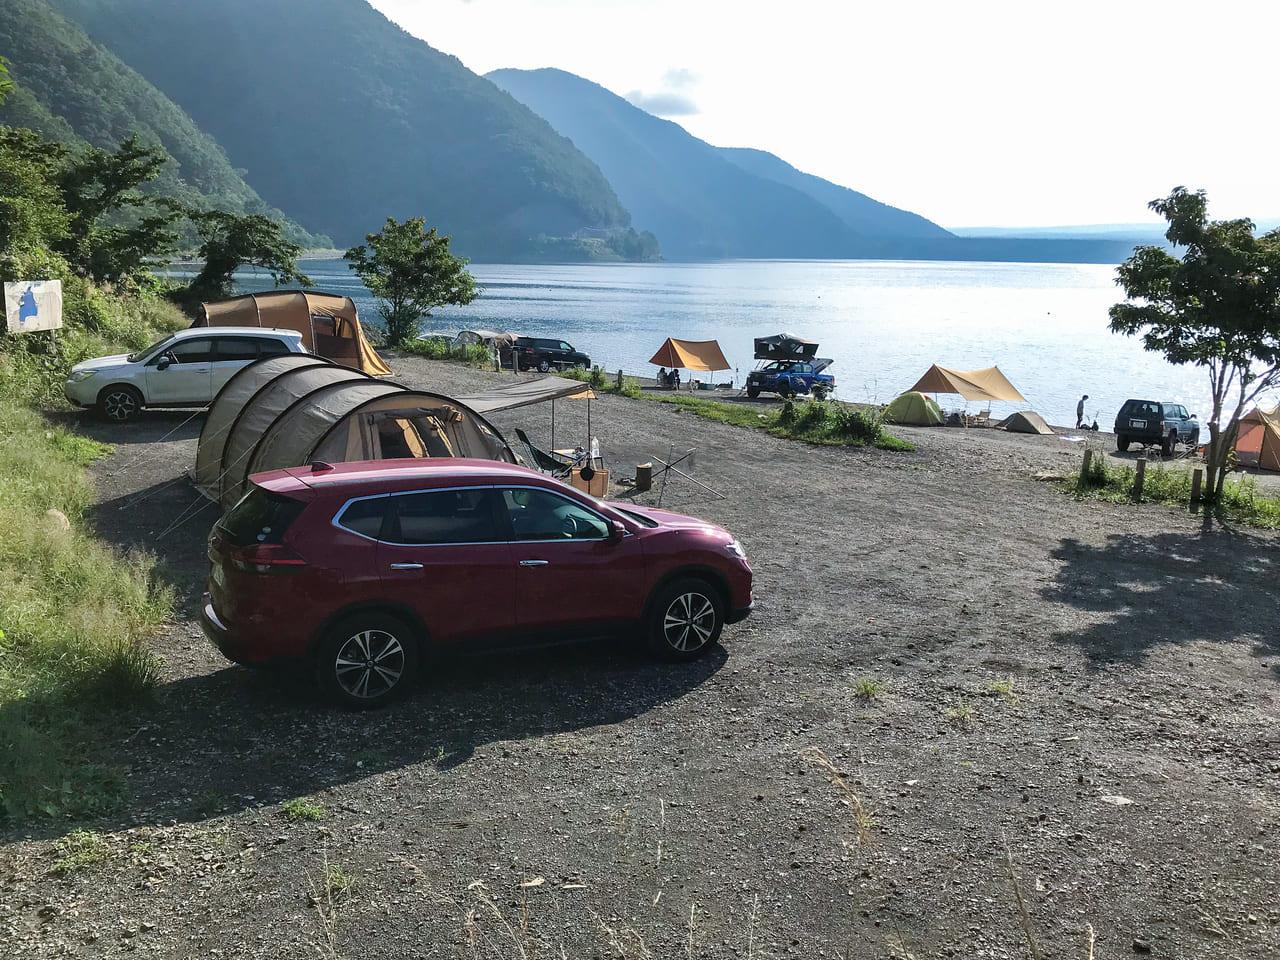 /浩庵キャンプ場の湖畔サイトはハンモックは張れない